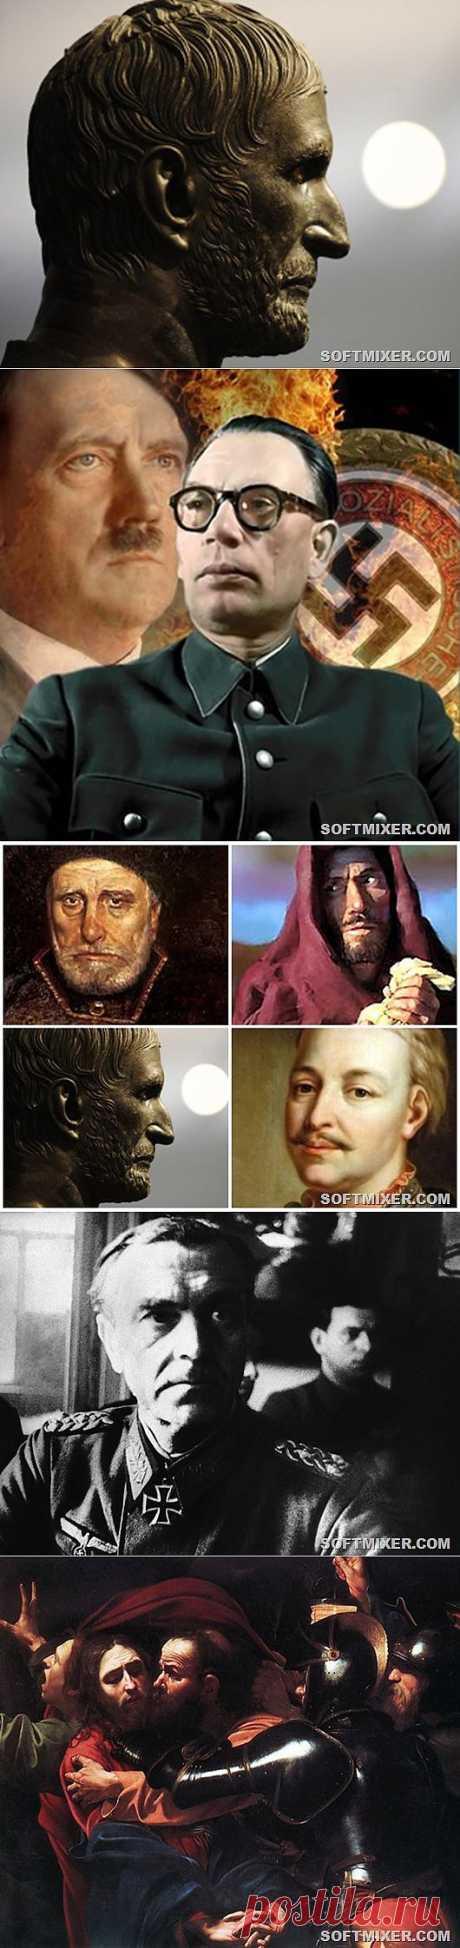 Из истории знаменитых предательств | SOFTMIXER